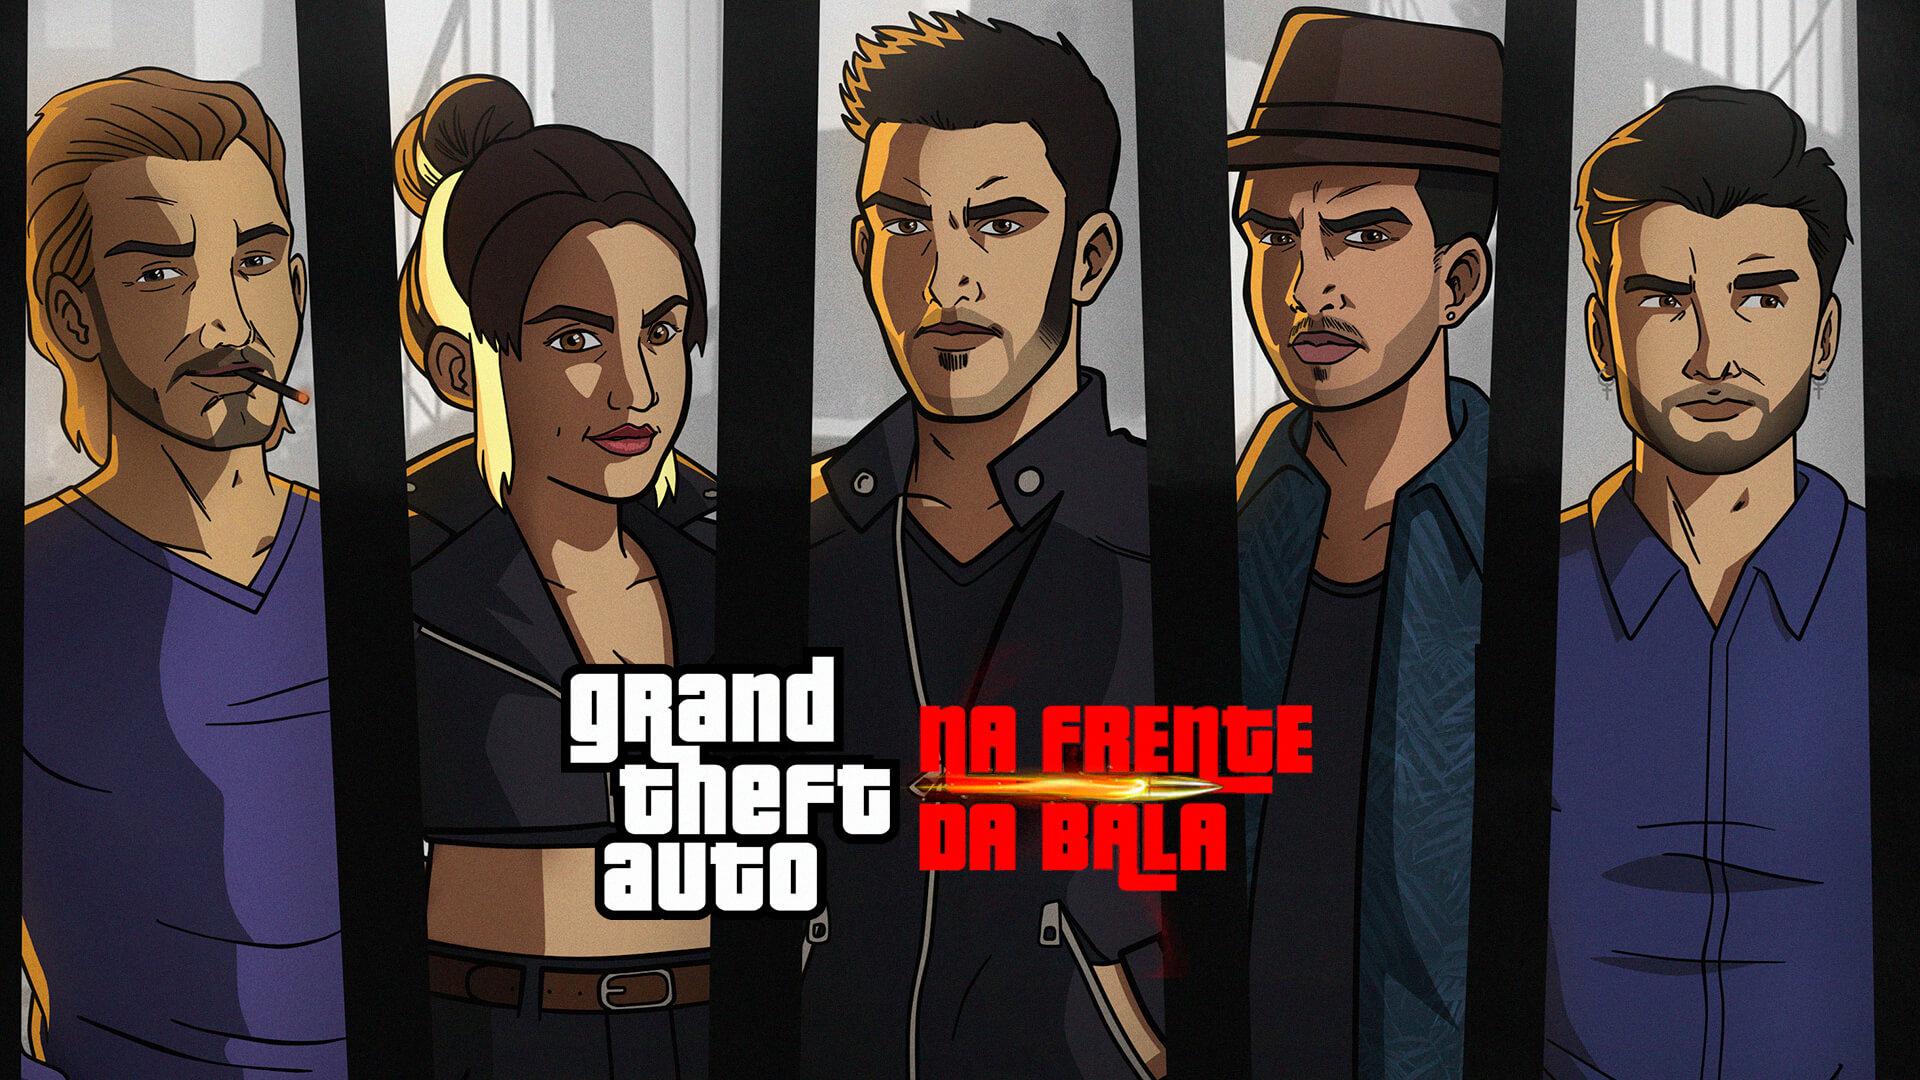 GTA: Na frente da Bala é um filme criado por fãs brasileiros para comemorar o aniversário de Grand Theft Auto 3 da Rockstar Games.